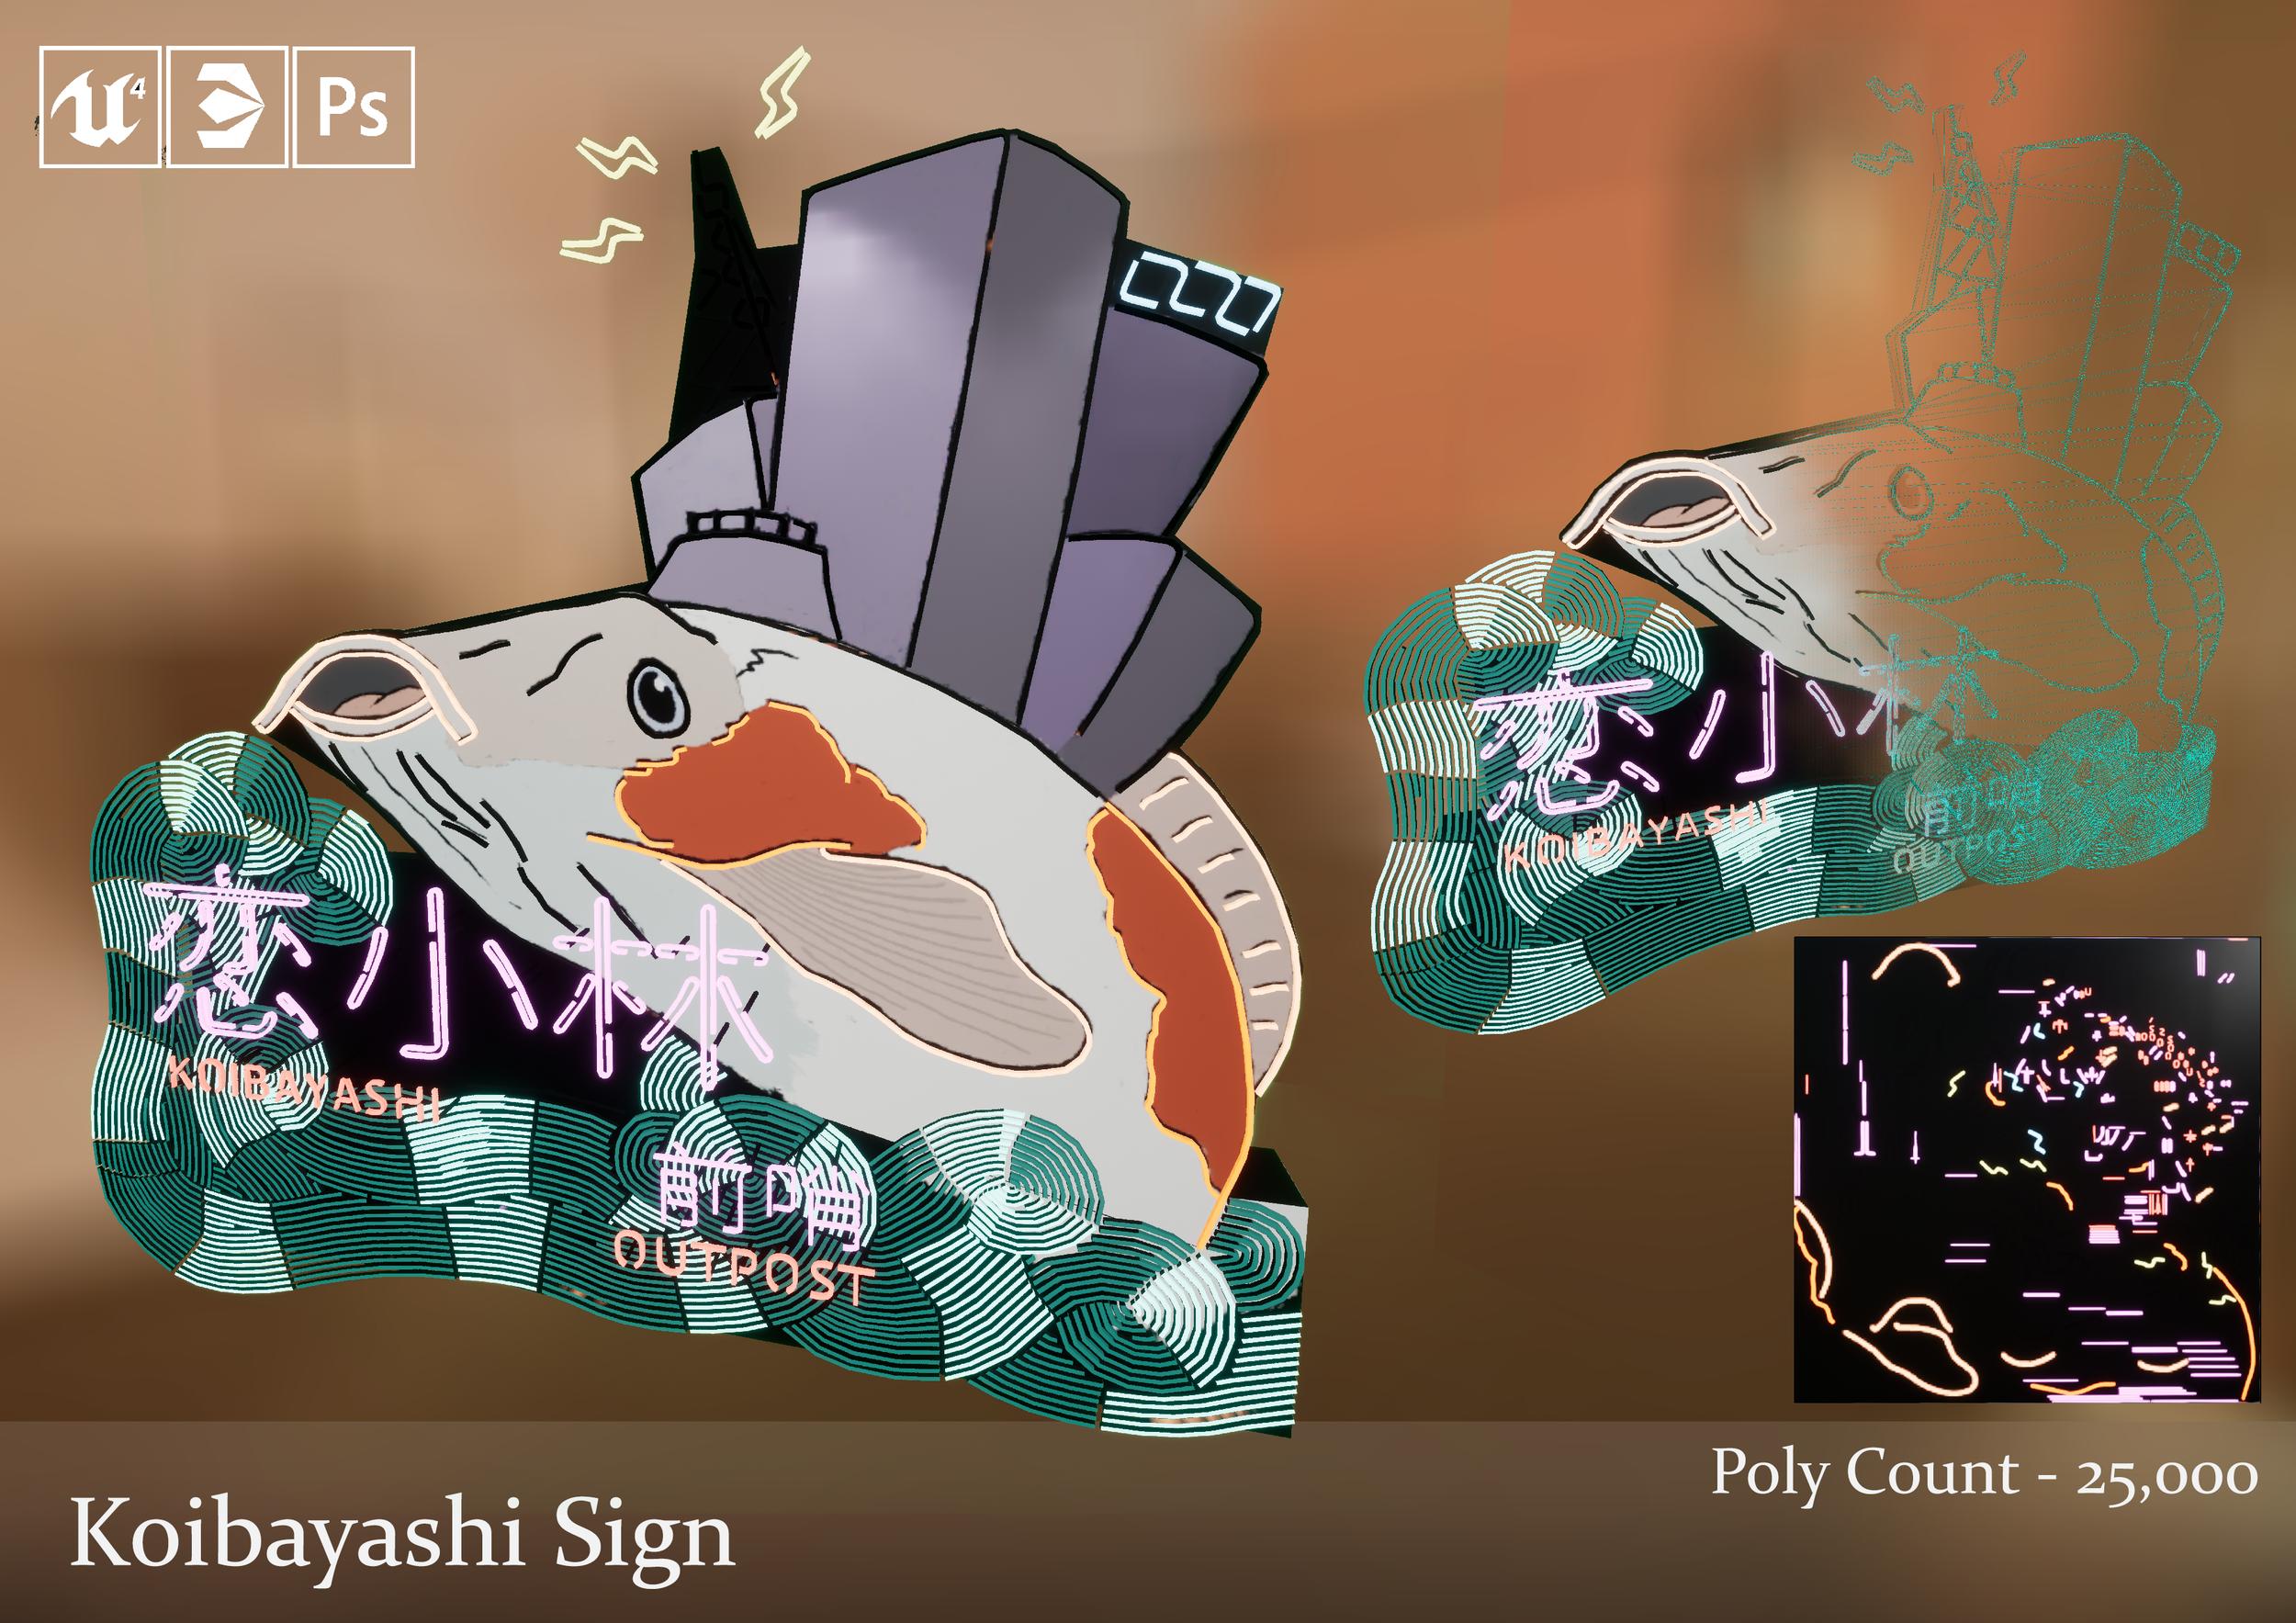 Page 11 - KoibayashiSign.png